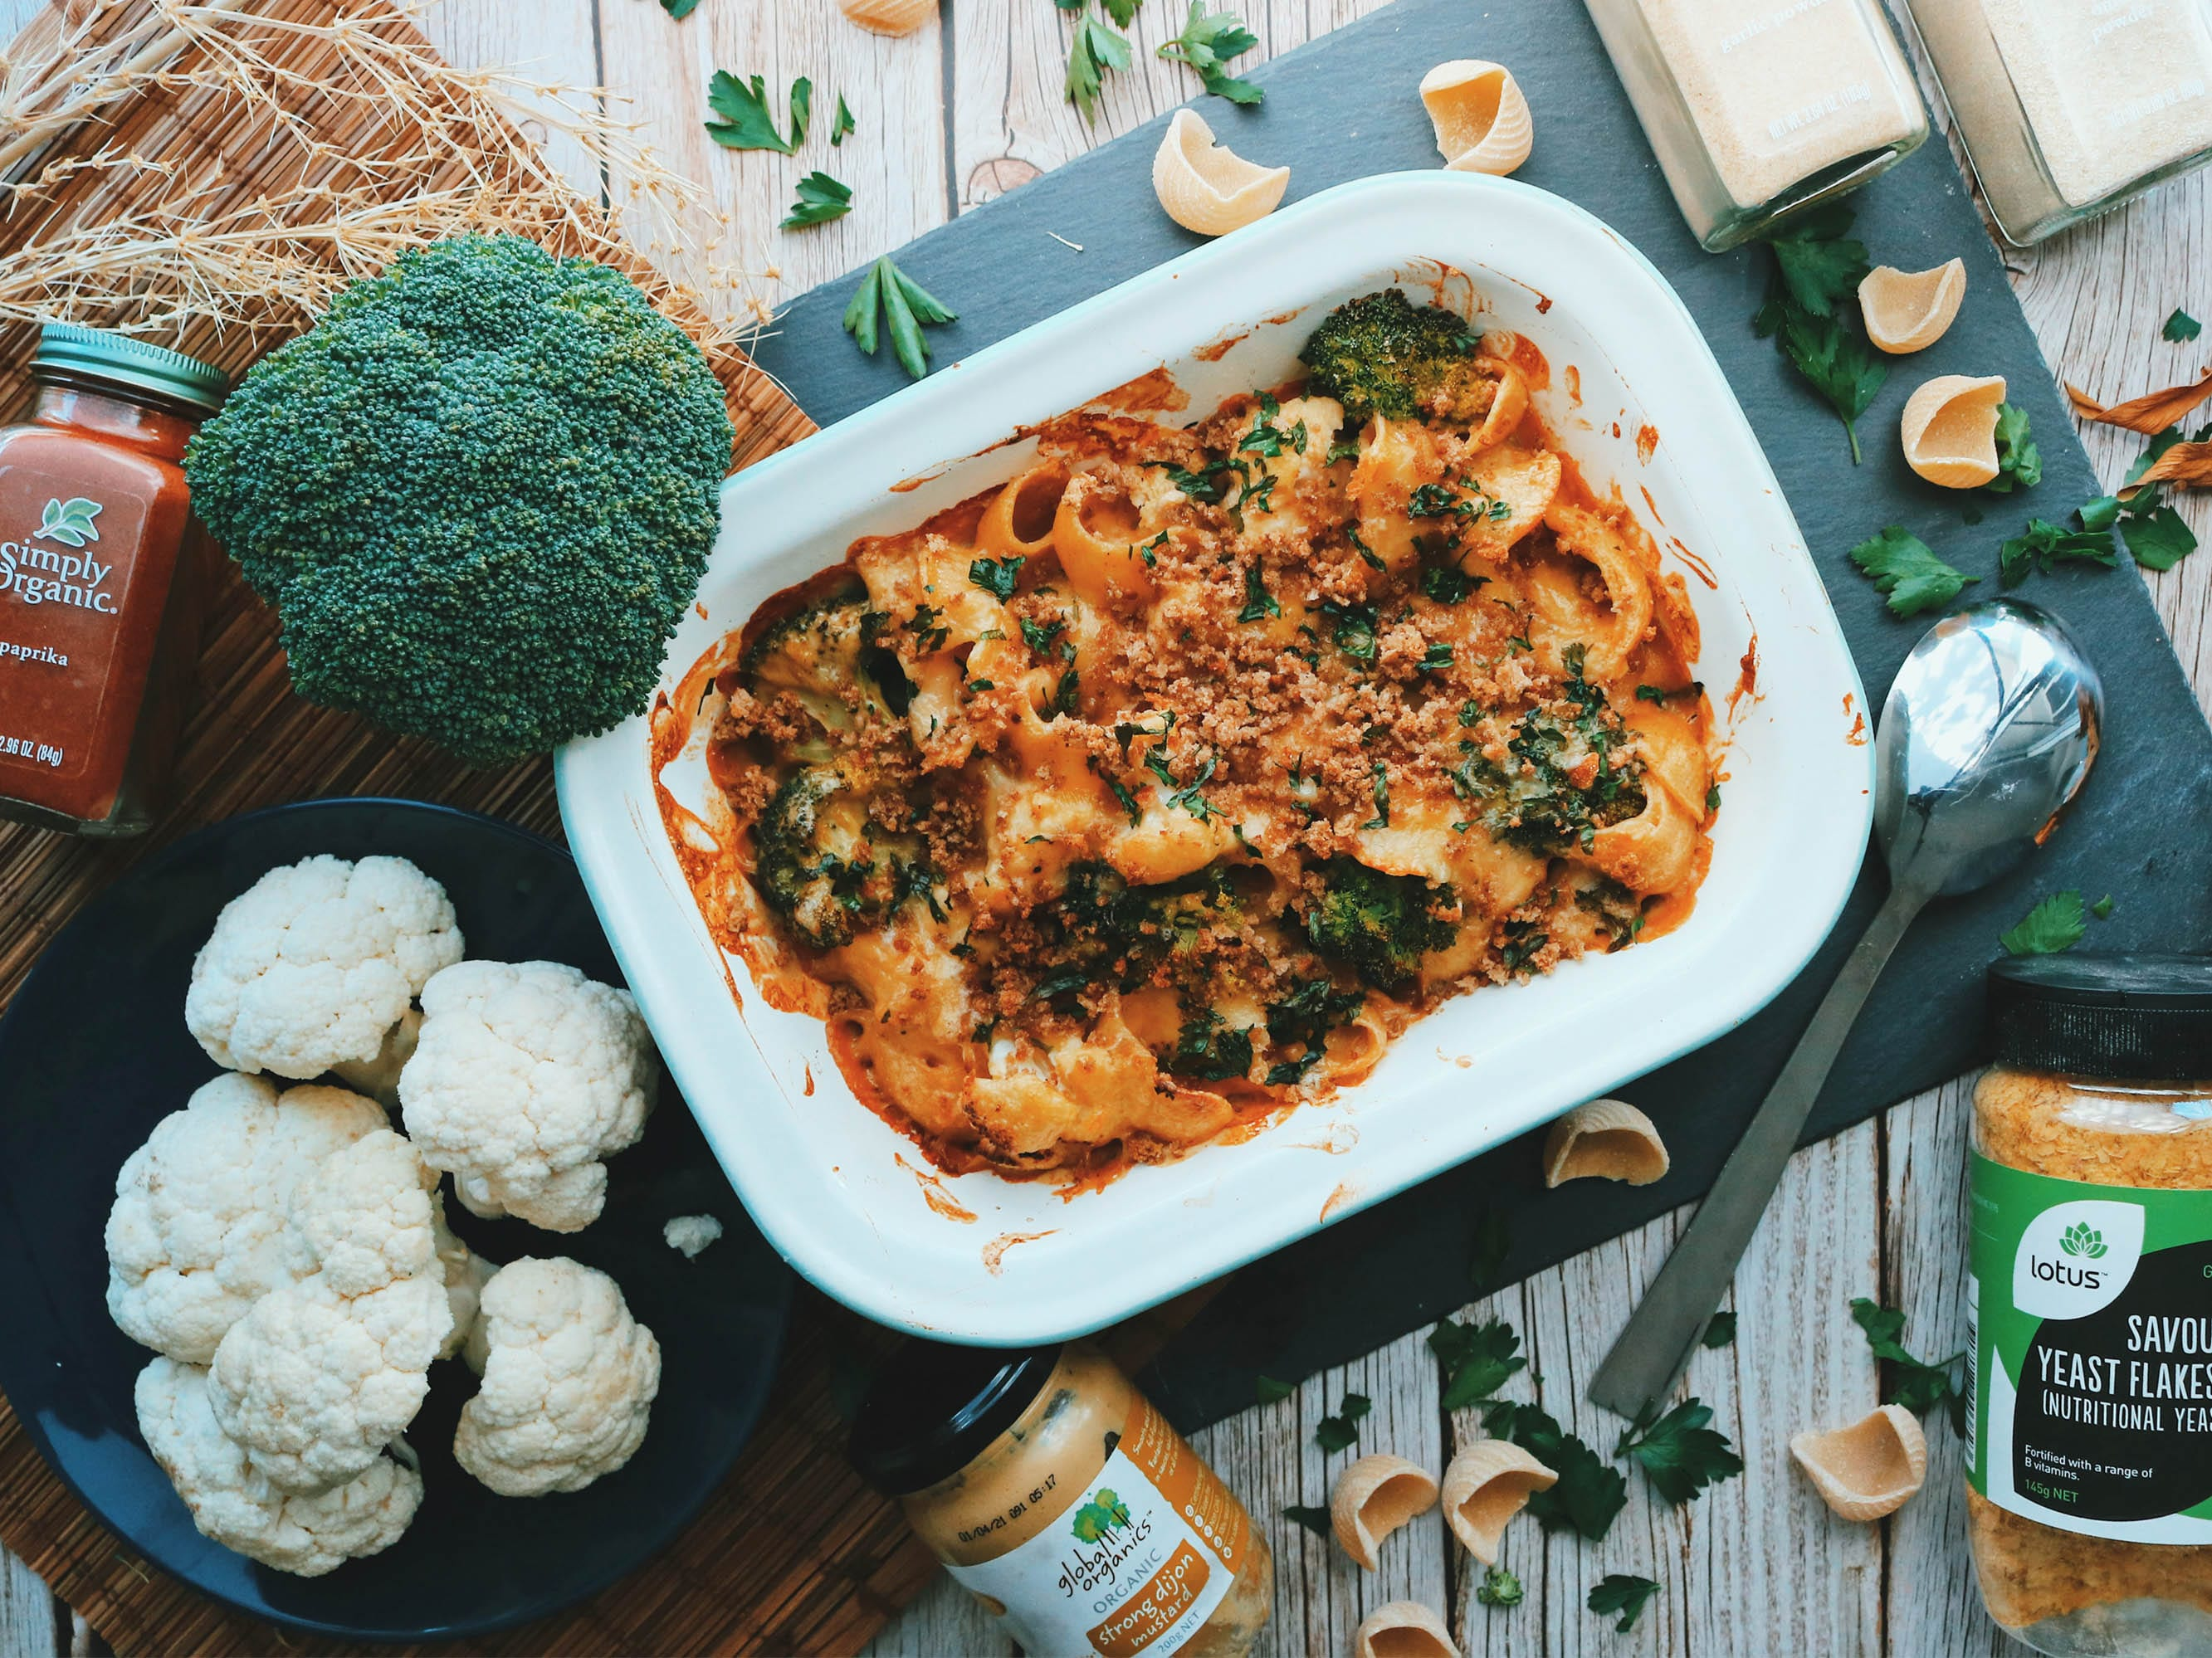 Cauli & broccoli pasta bake